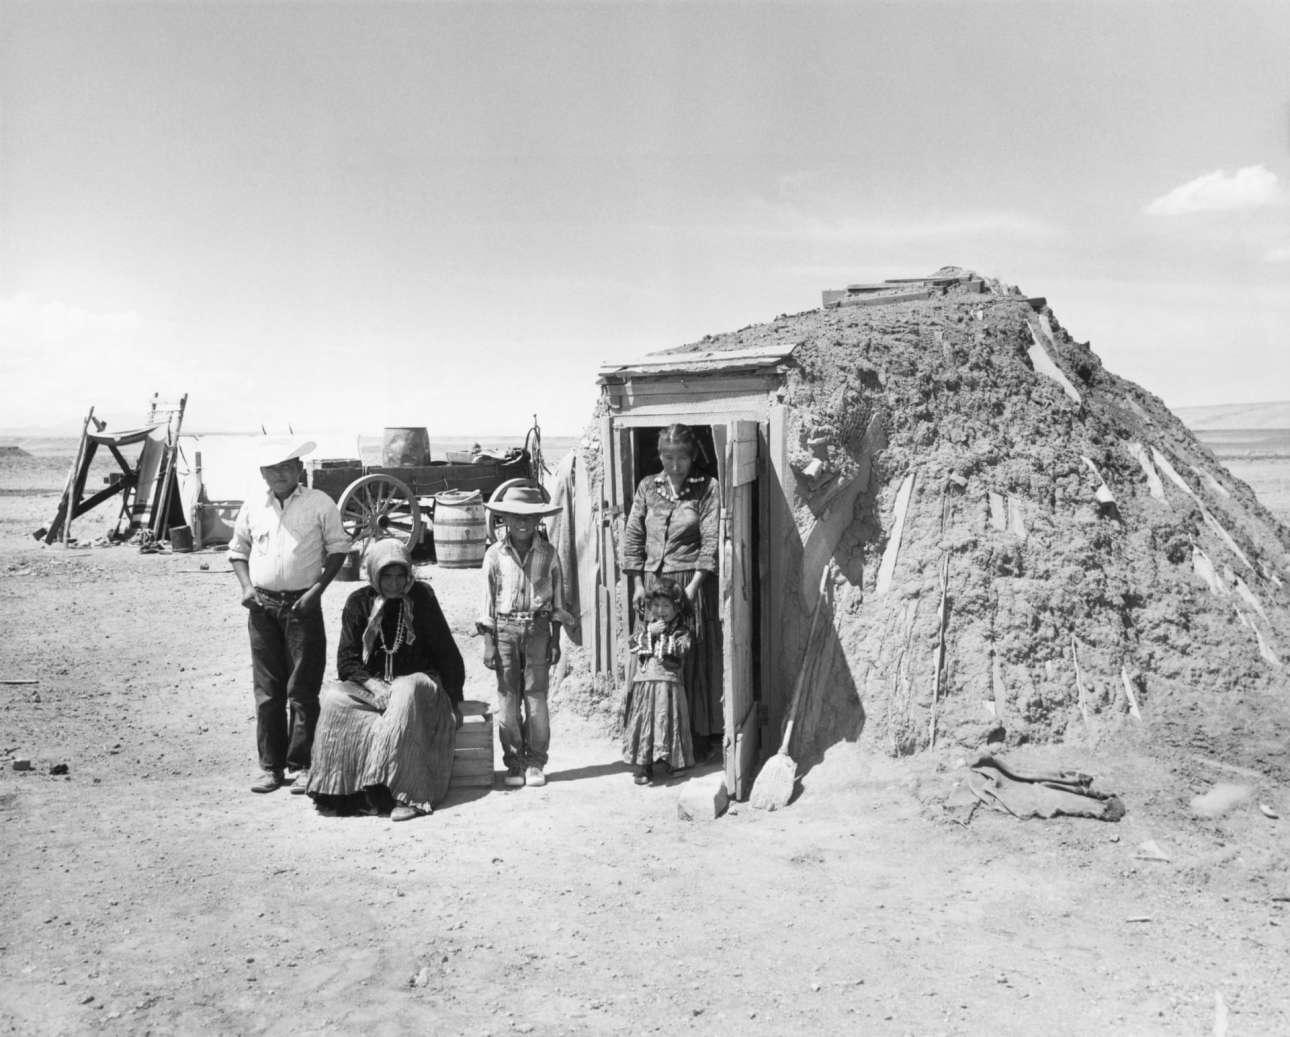 Οικογένεια Ναβάχο στέκονται έξω από το χόγκαν τους -την παραδοσιακή οικία της φυλής τους- κατά μήκος του νότιου άκρου του Grand Canyon